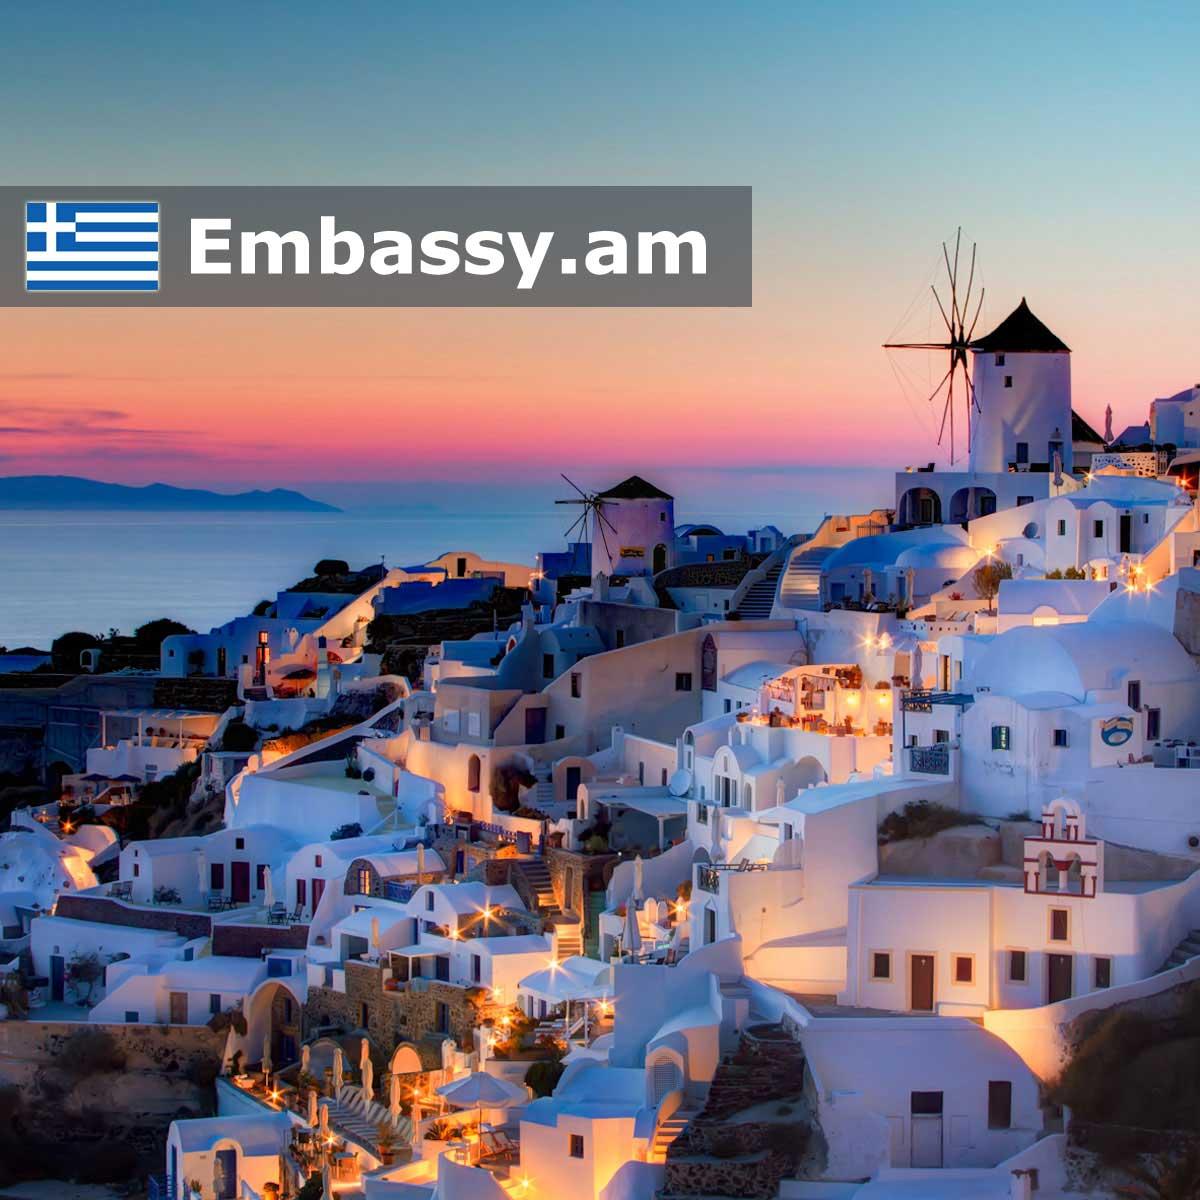 Սանտորինի - Հյուրանոցներ Հունաստանում - Embassy.am